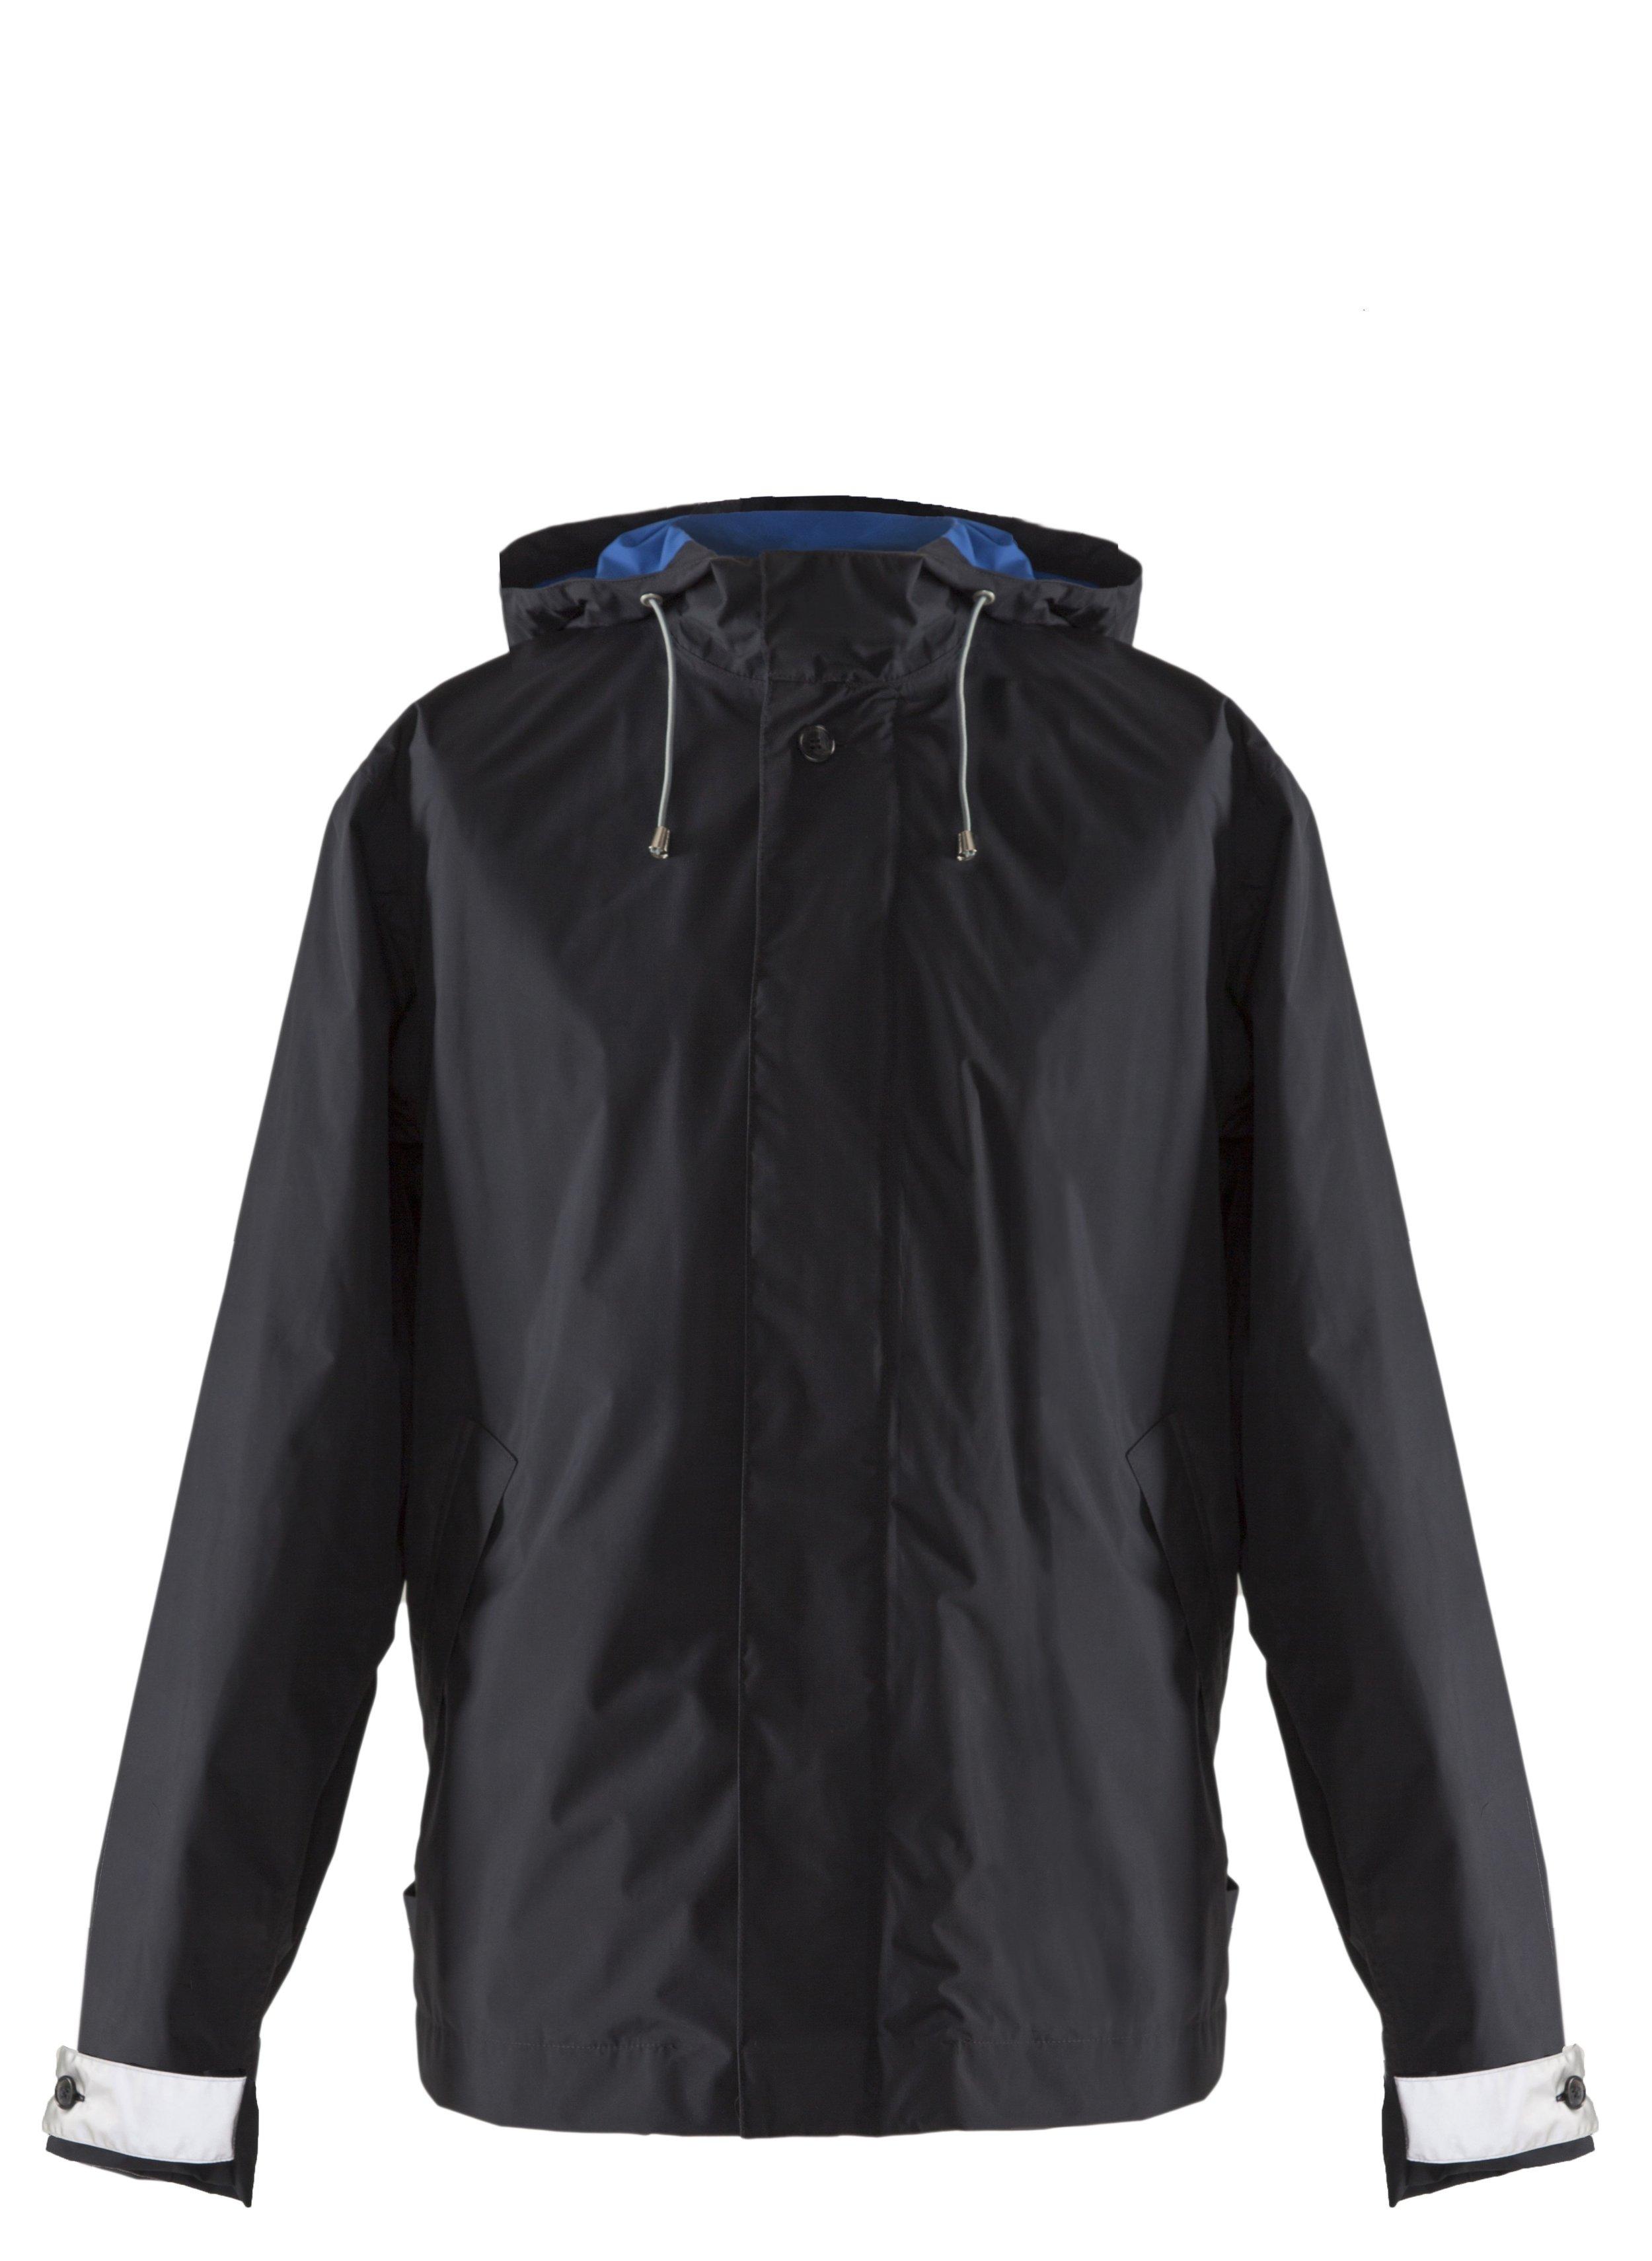 V2 - 2 Jacket Front -  Reflective.jpg